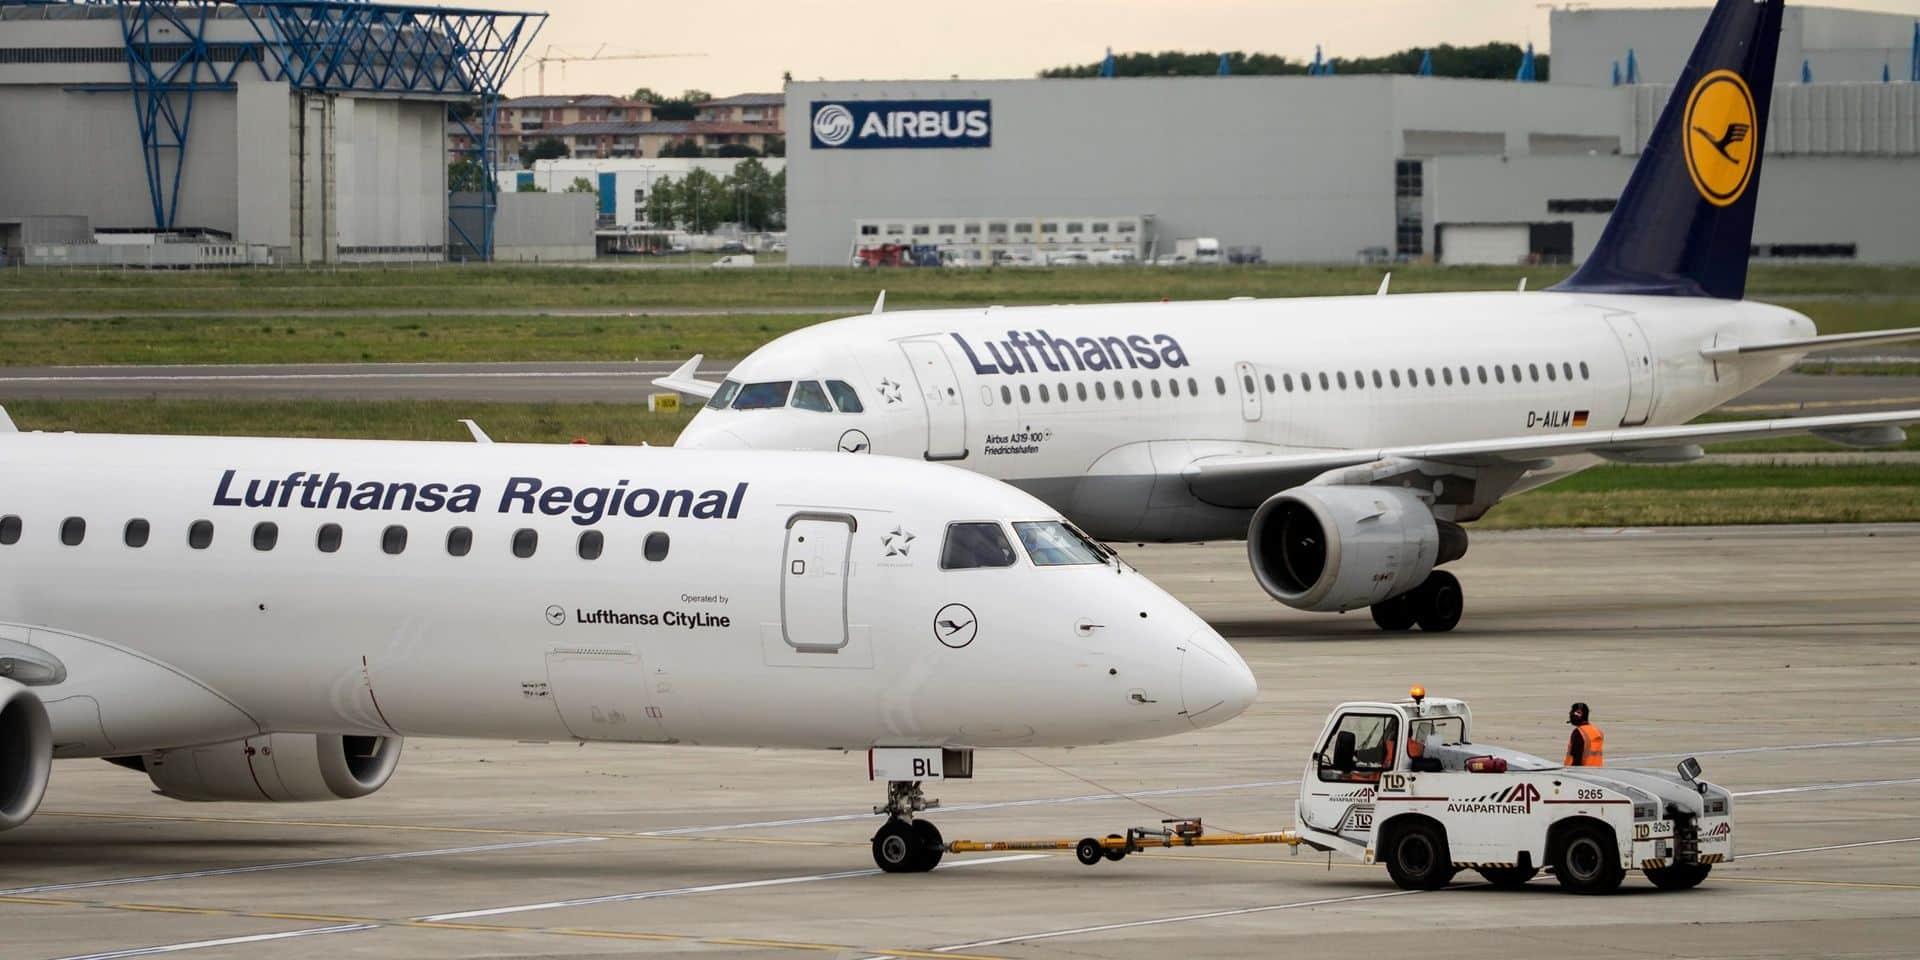 Lufthansa relance des dizaines d'avions car les réservations explosent